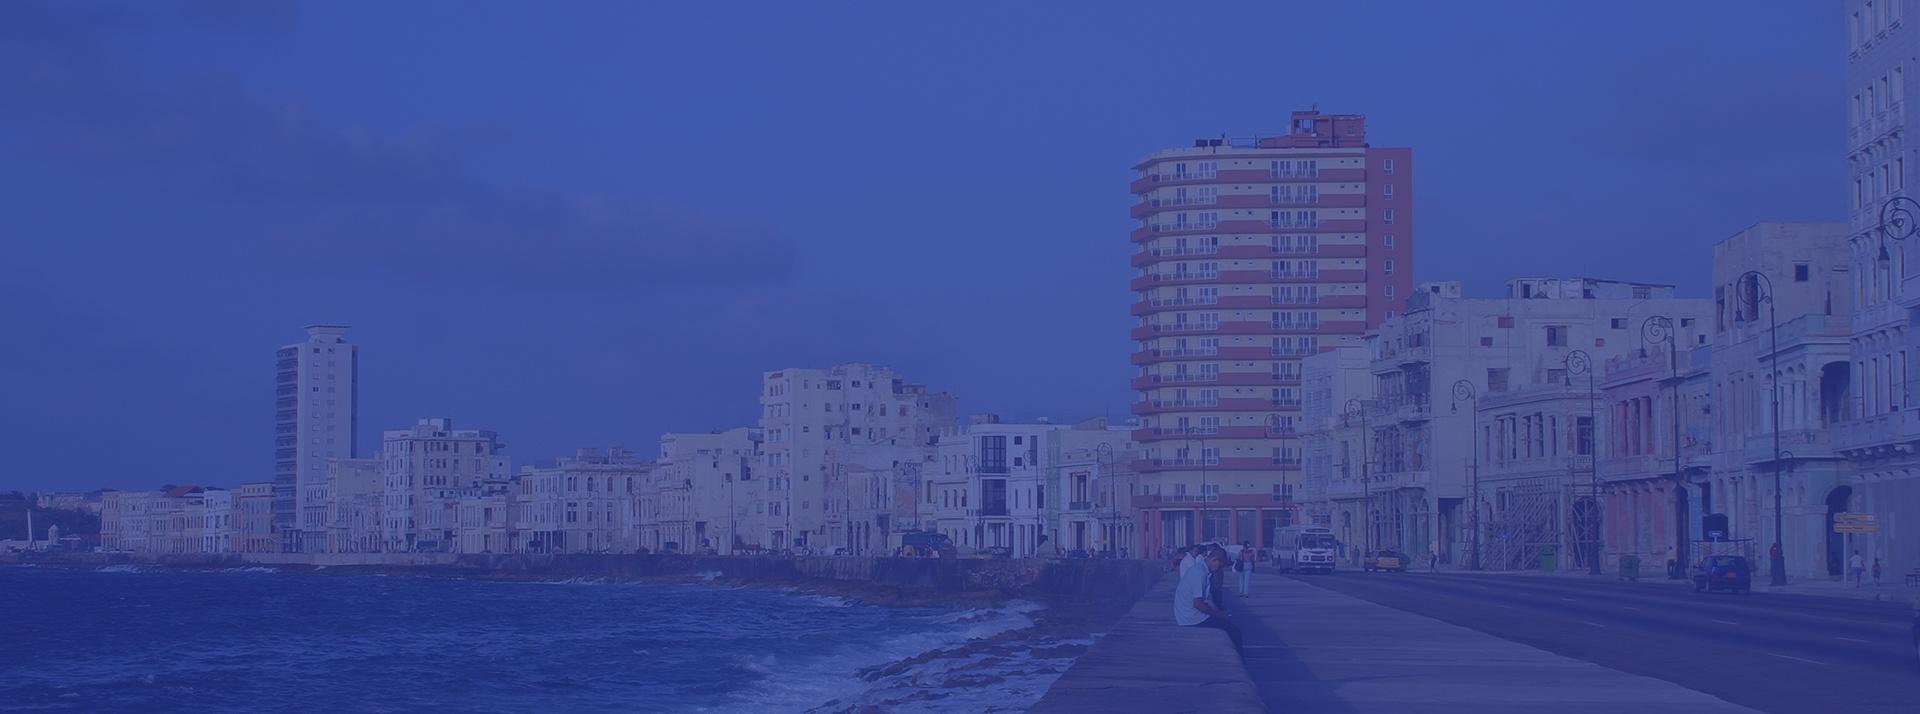 FIHAV - Feira Internacional de Havana 2018 (36ª Edição)